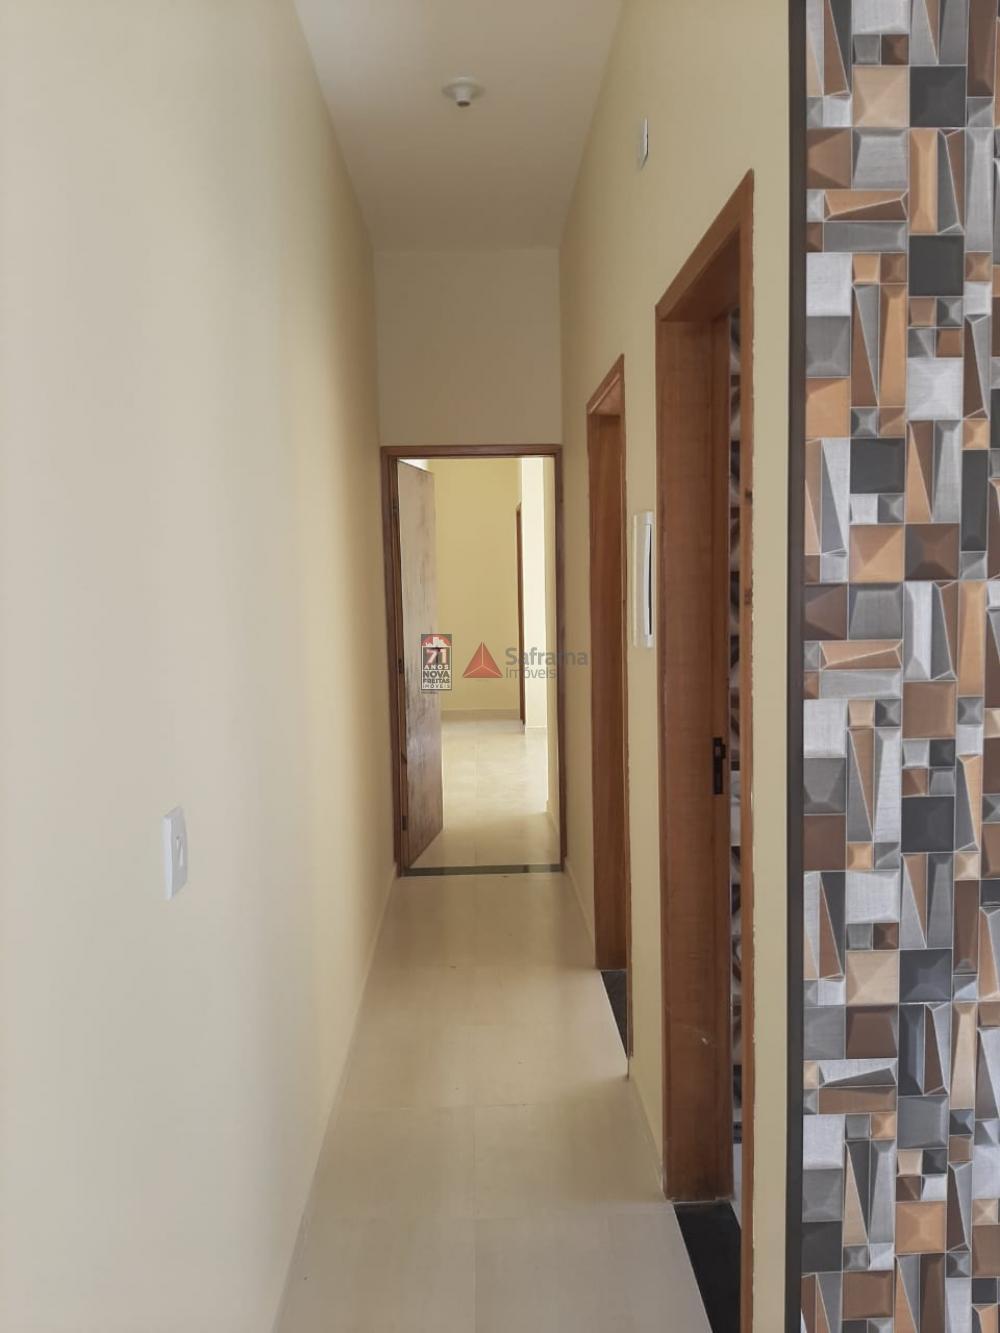 Comprar Casa / Padrão em Caraguatatuba apenas R$ 250.000,00 - Foto 6